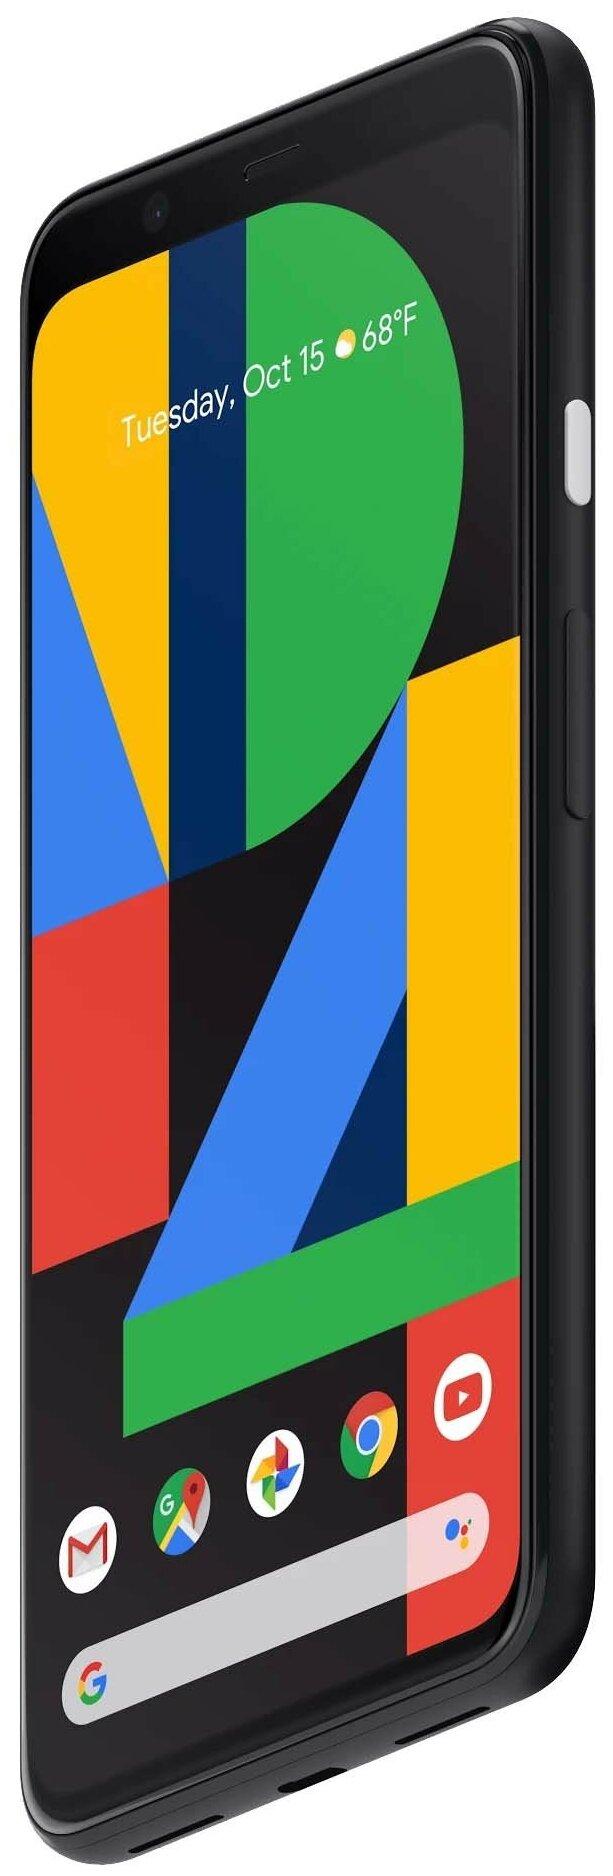 Google Pixel 4 6/64GB - память: 64ГБ